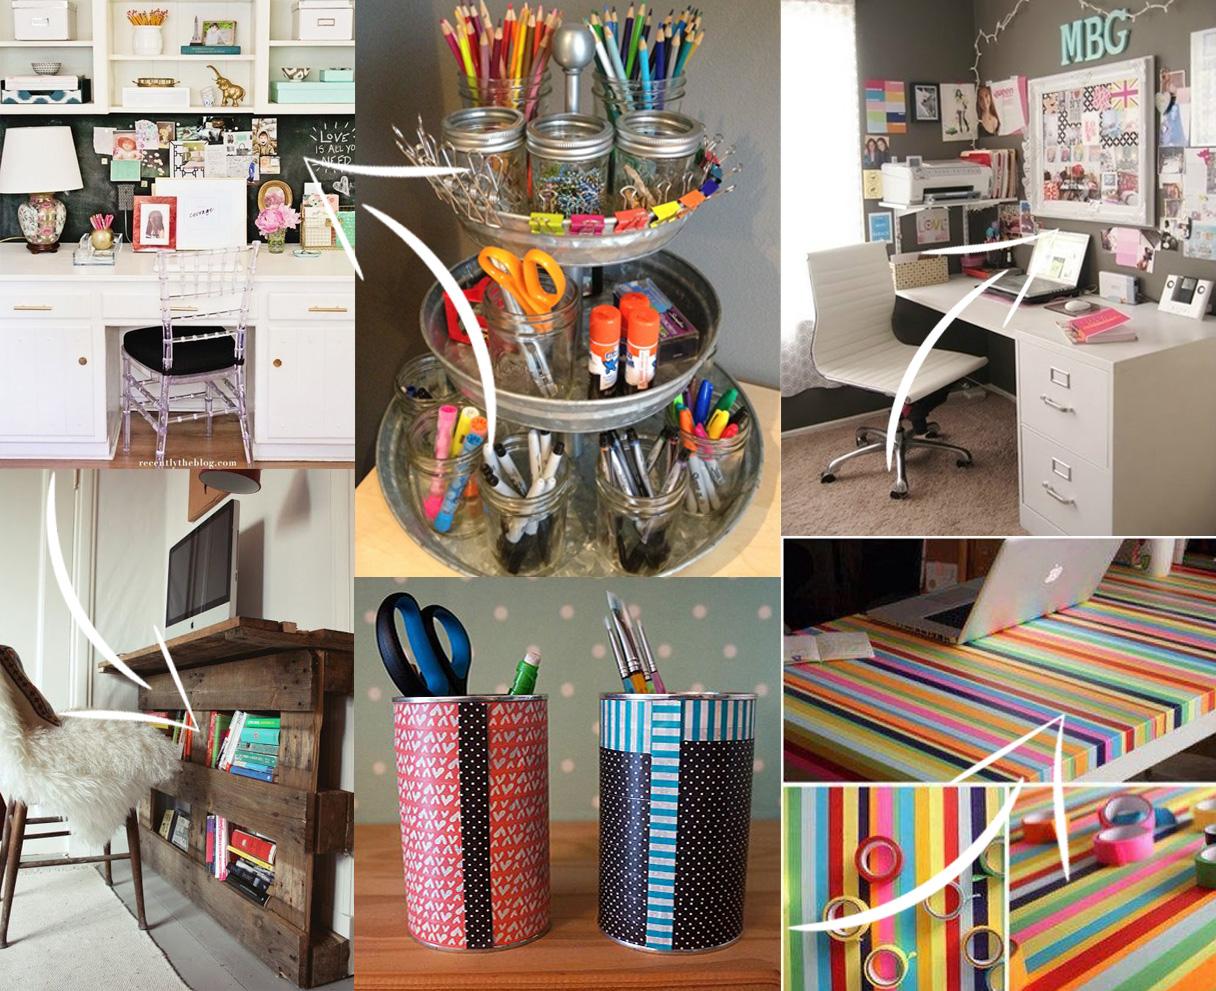 etailPR Blogspot: DIY Your Desk